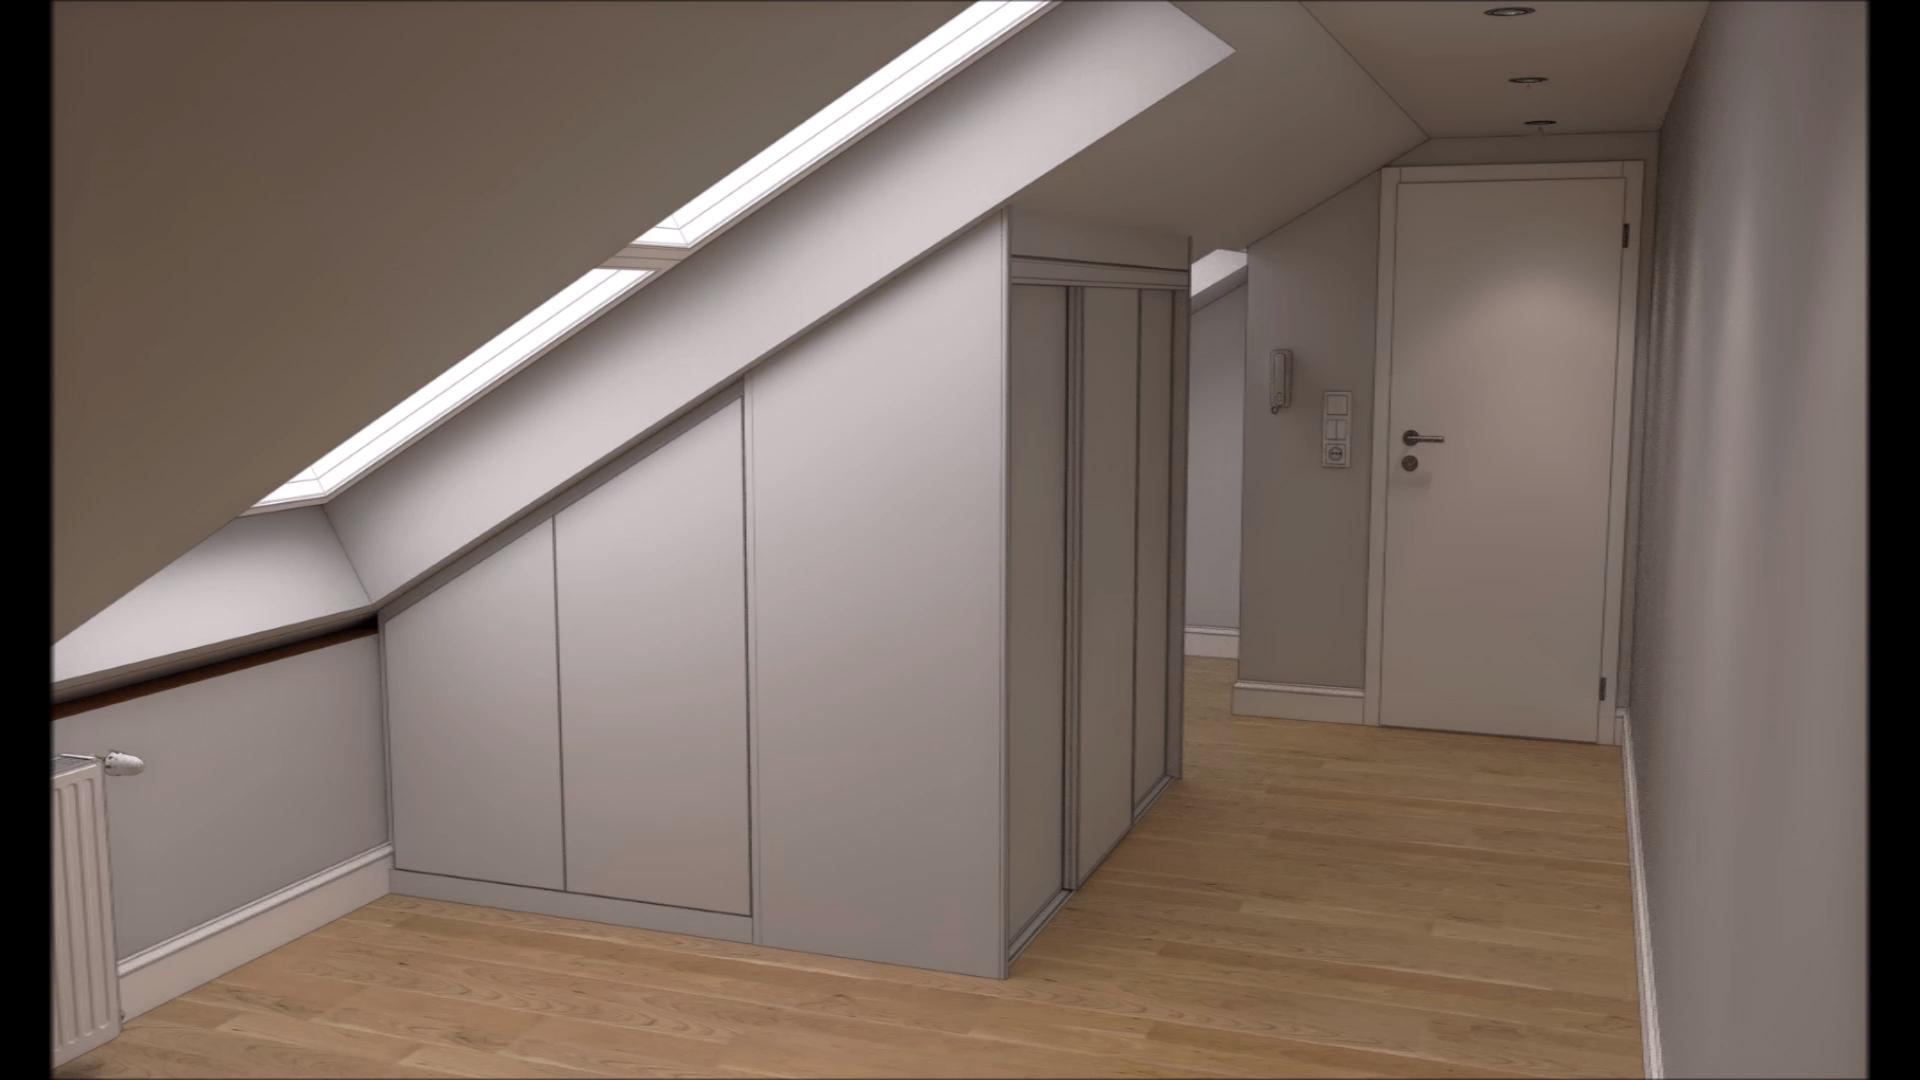 Schrank in enger Wohnung mit Dachschrägen